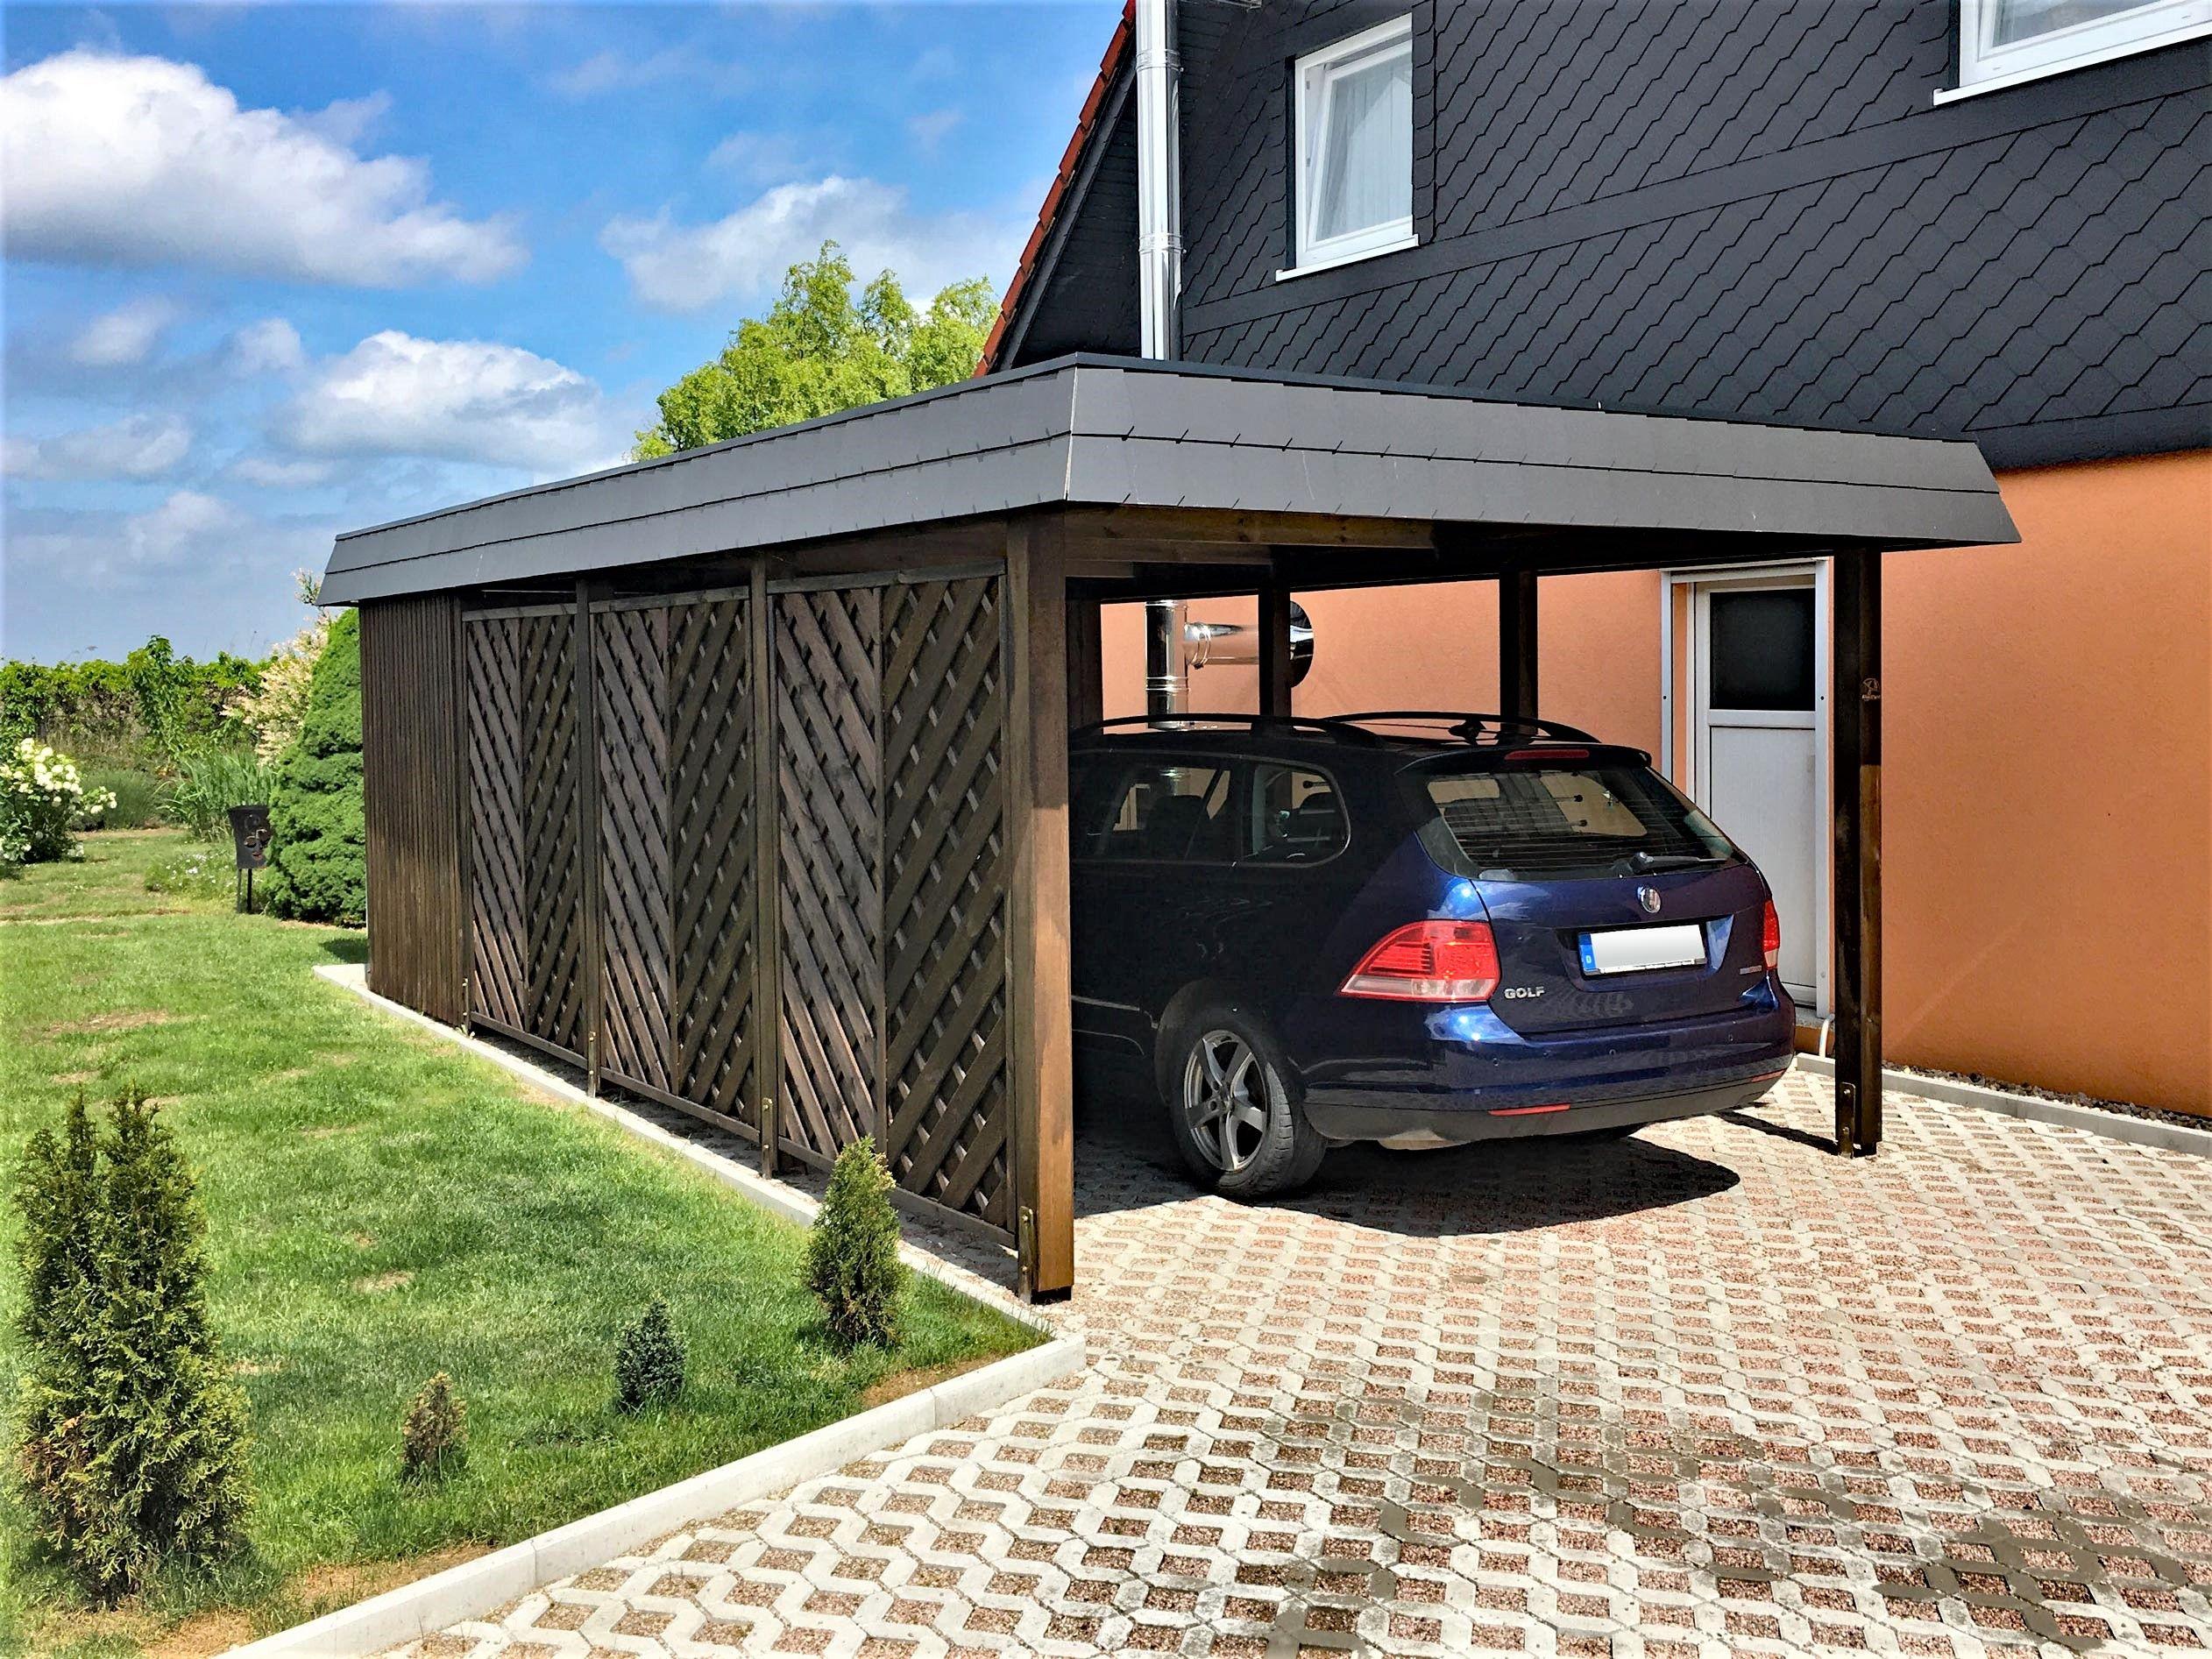 Carport aus Holz für ein Auto, Dach umlaufend mit angewalmter ...